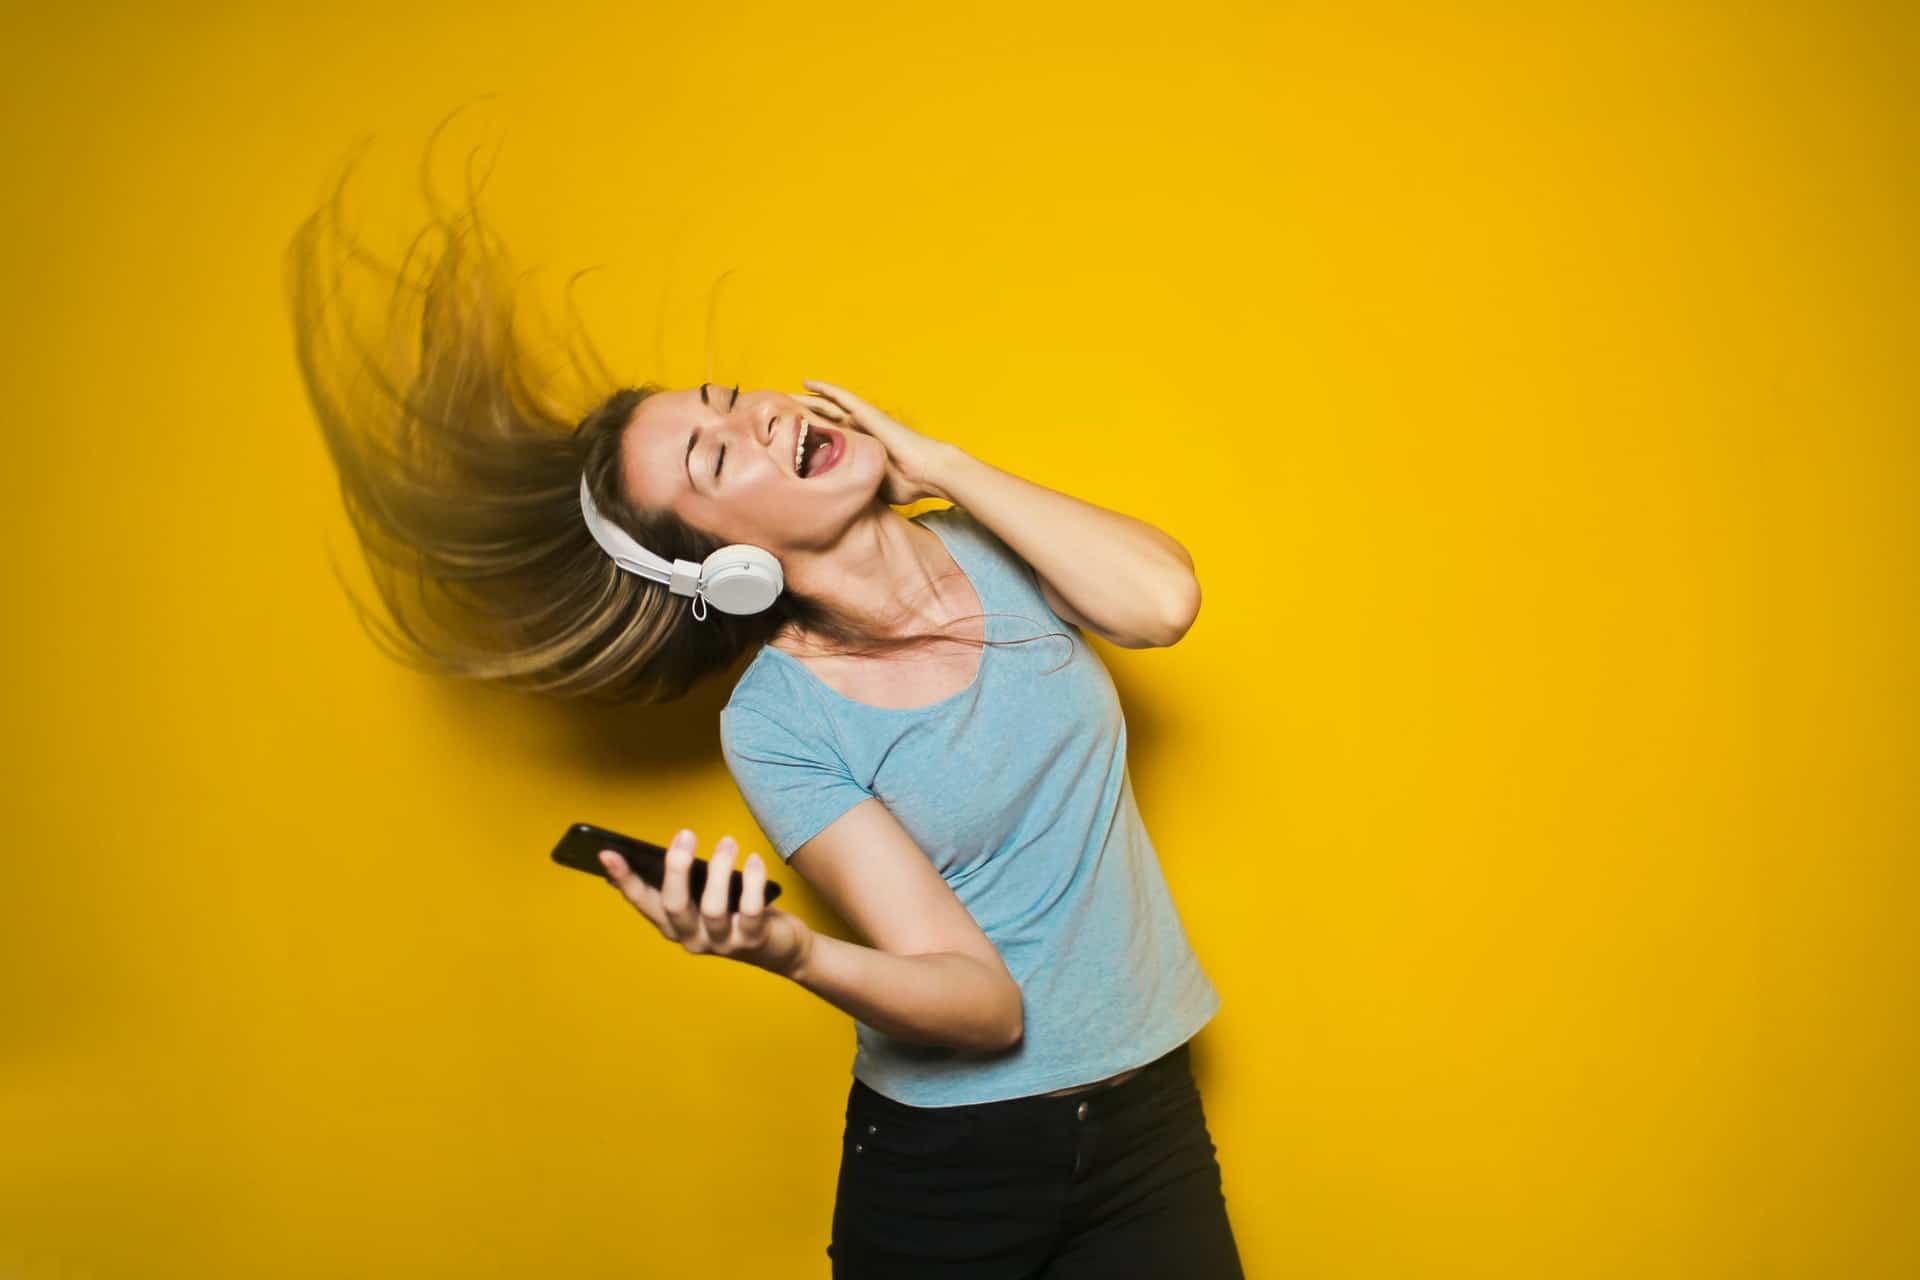 Học từ vựng tiếng Anh qua bài hát chỉ trong 5 bước